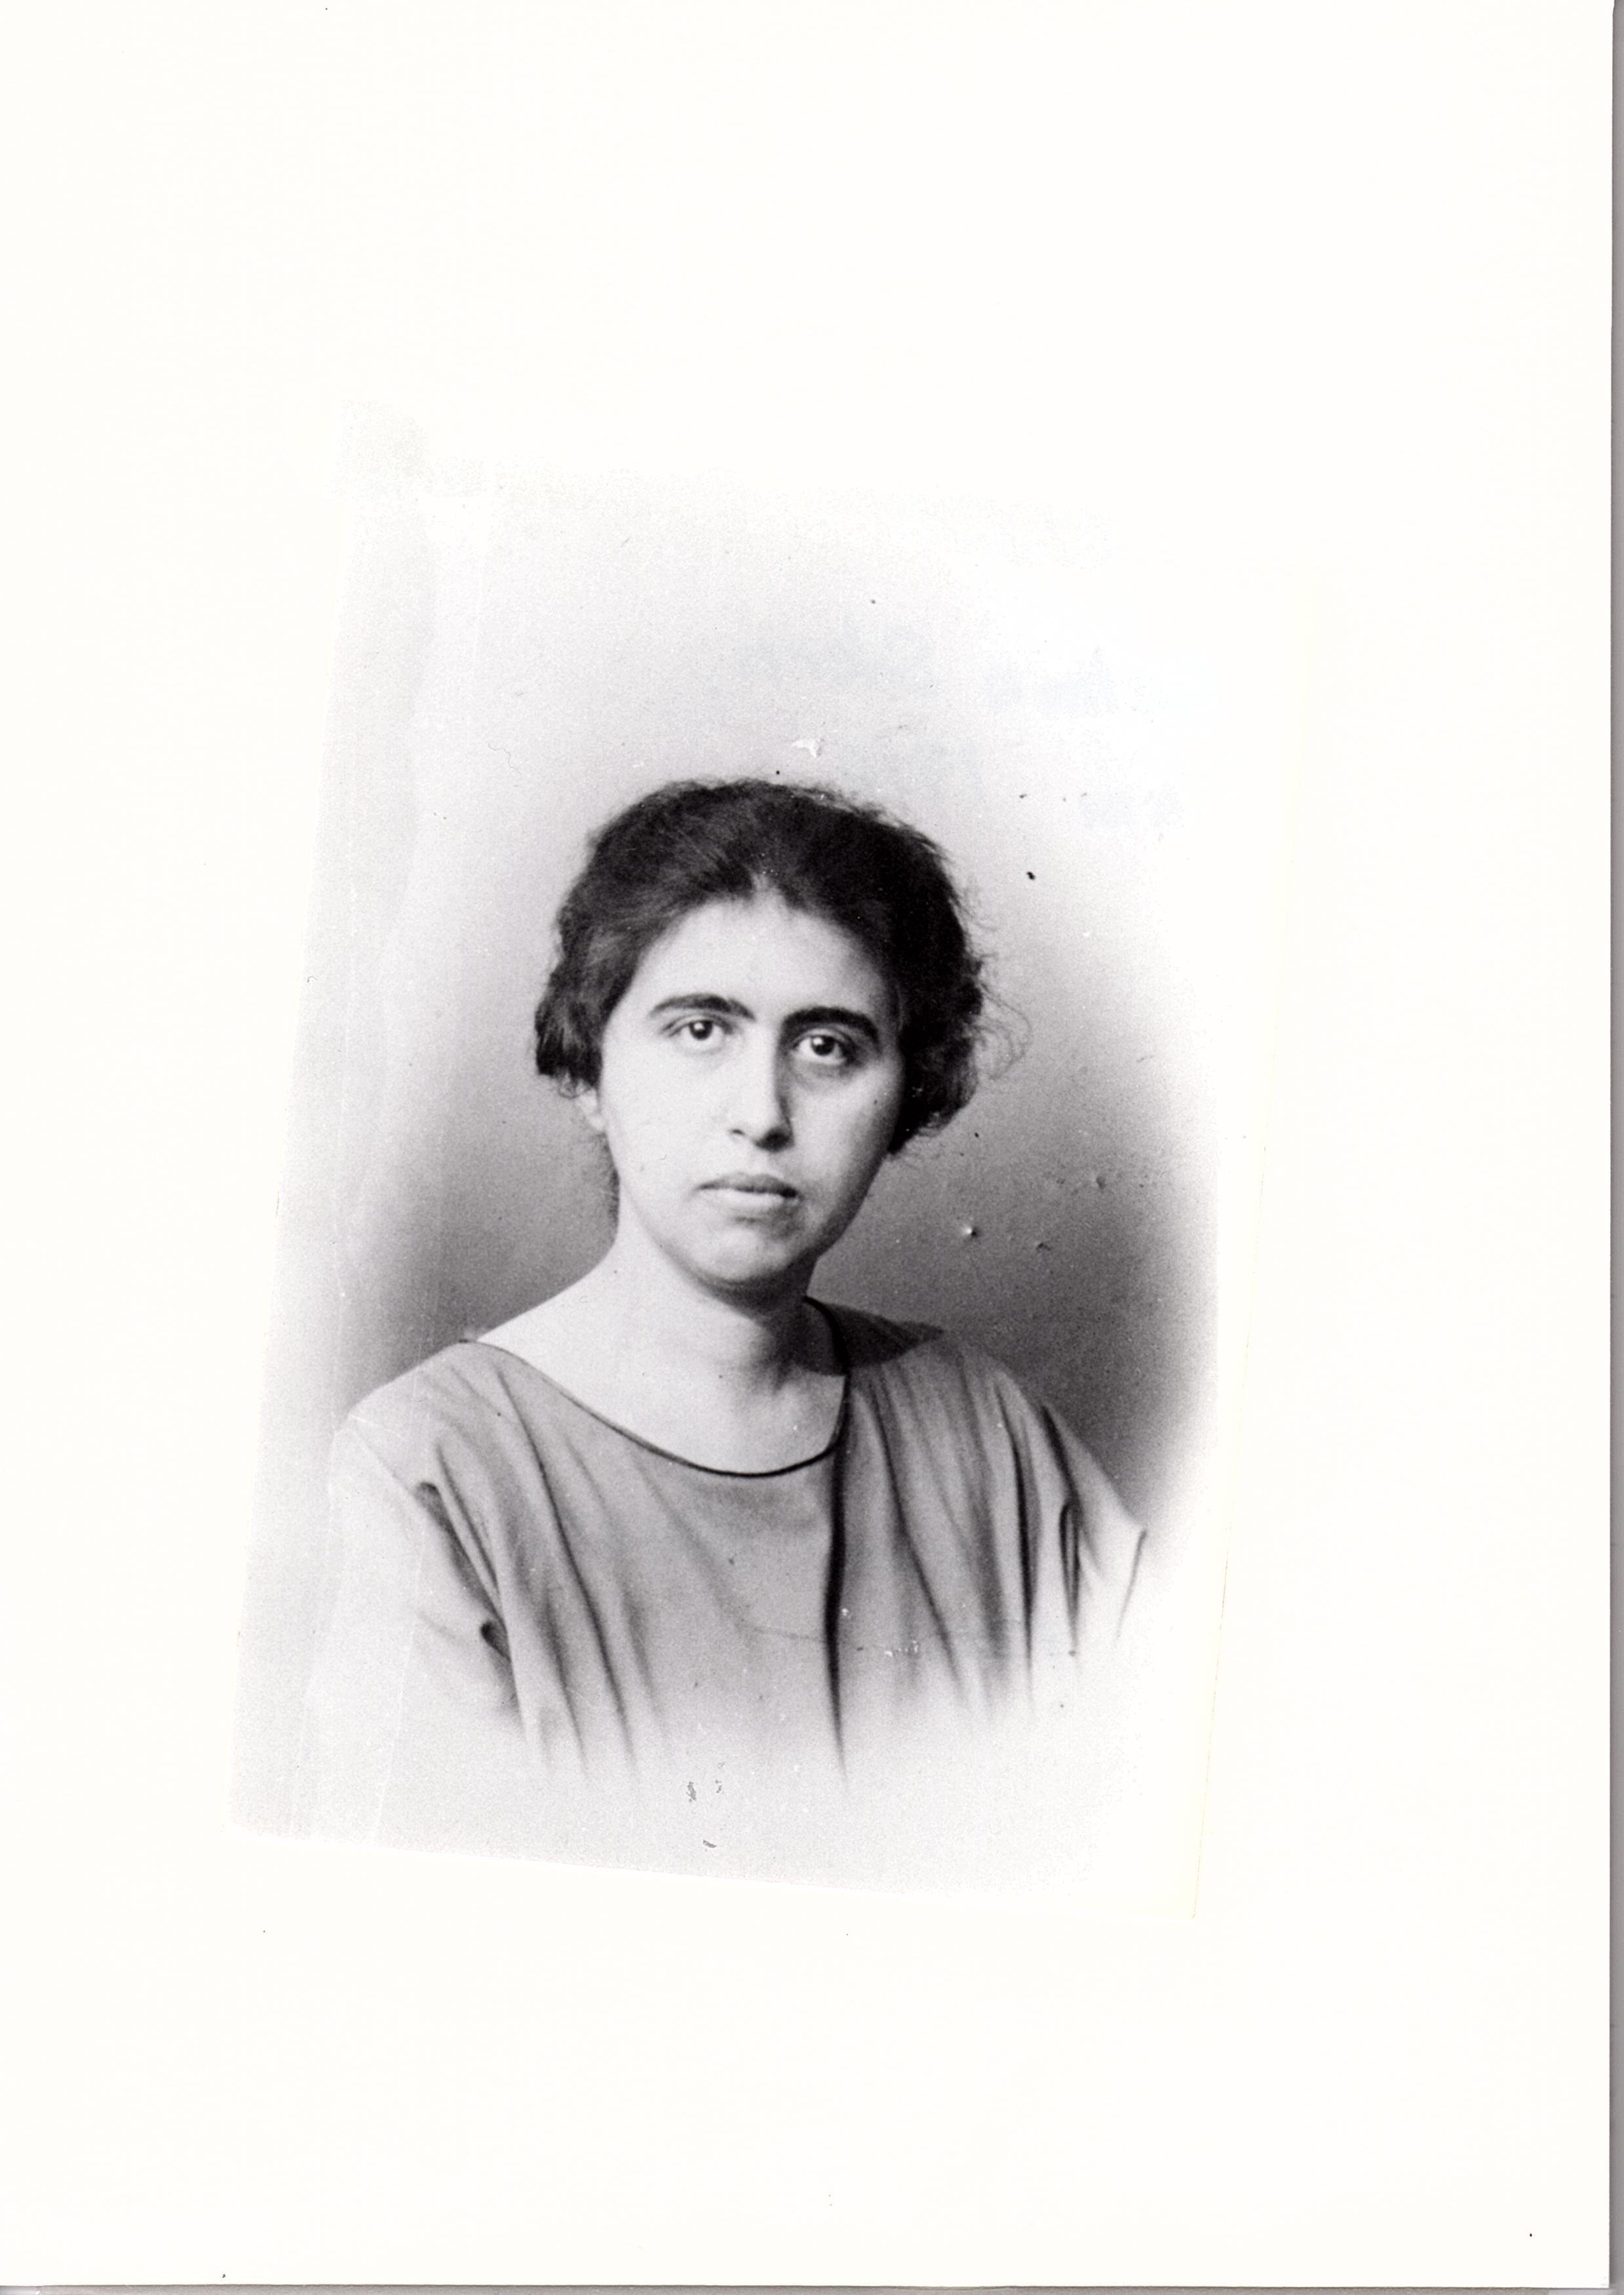 Vortrag über die Historikerin Selma Stern